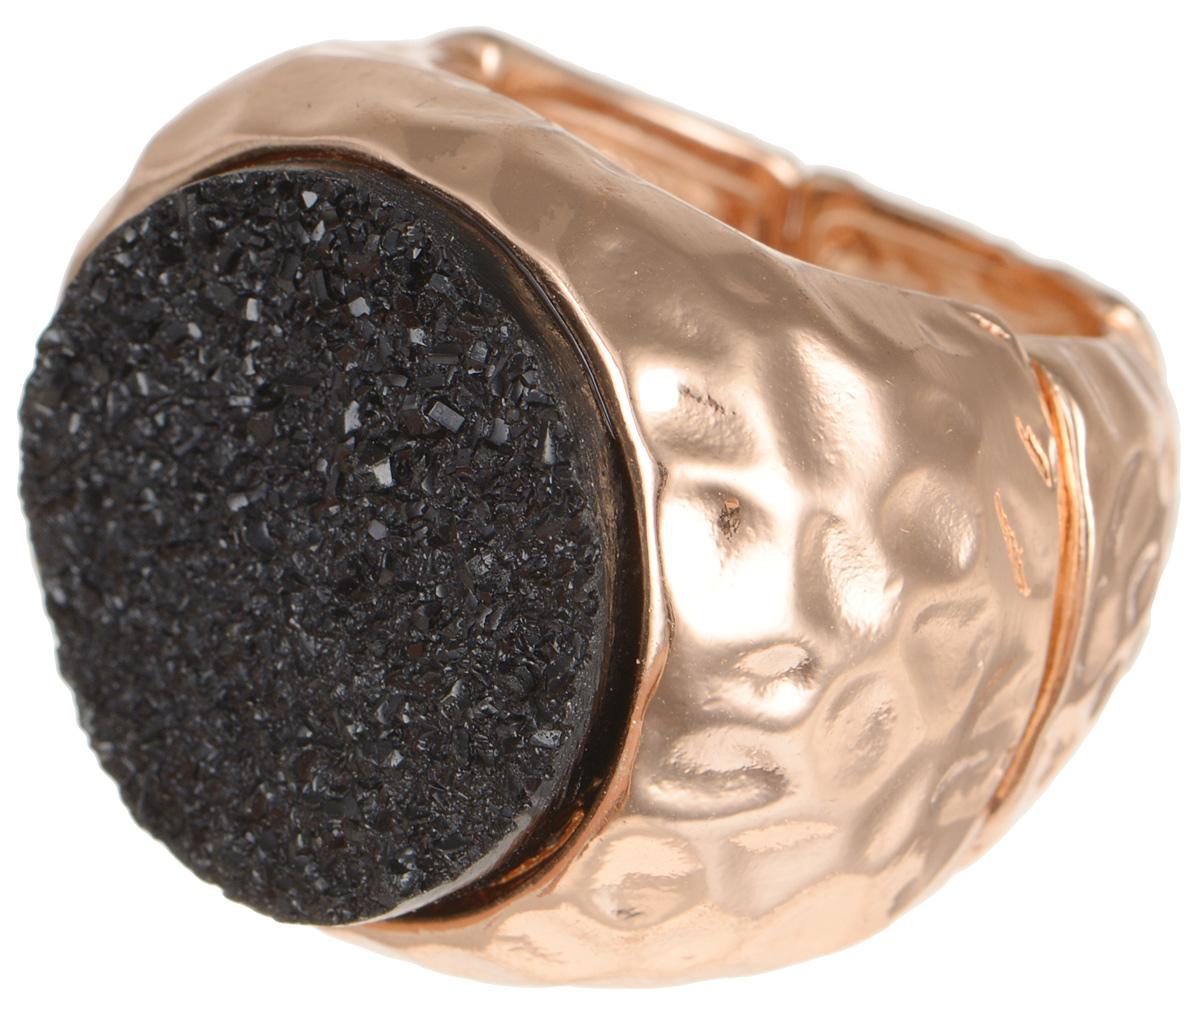 Кольцо Taya, цвет: золотистый, черный. T-B-8157T-B-8157Стильное кольцо Taya выполнено металлического сплава, оформлено оригинальной вставкой из стекла. Эластичная основа делает размер кольца универсальным. Оригинальное кольцо Taya превосходно дополнит ваш образ и подчеркнет отменное чувство стиля своей обладательницы.